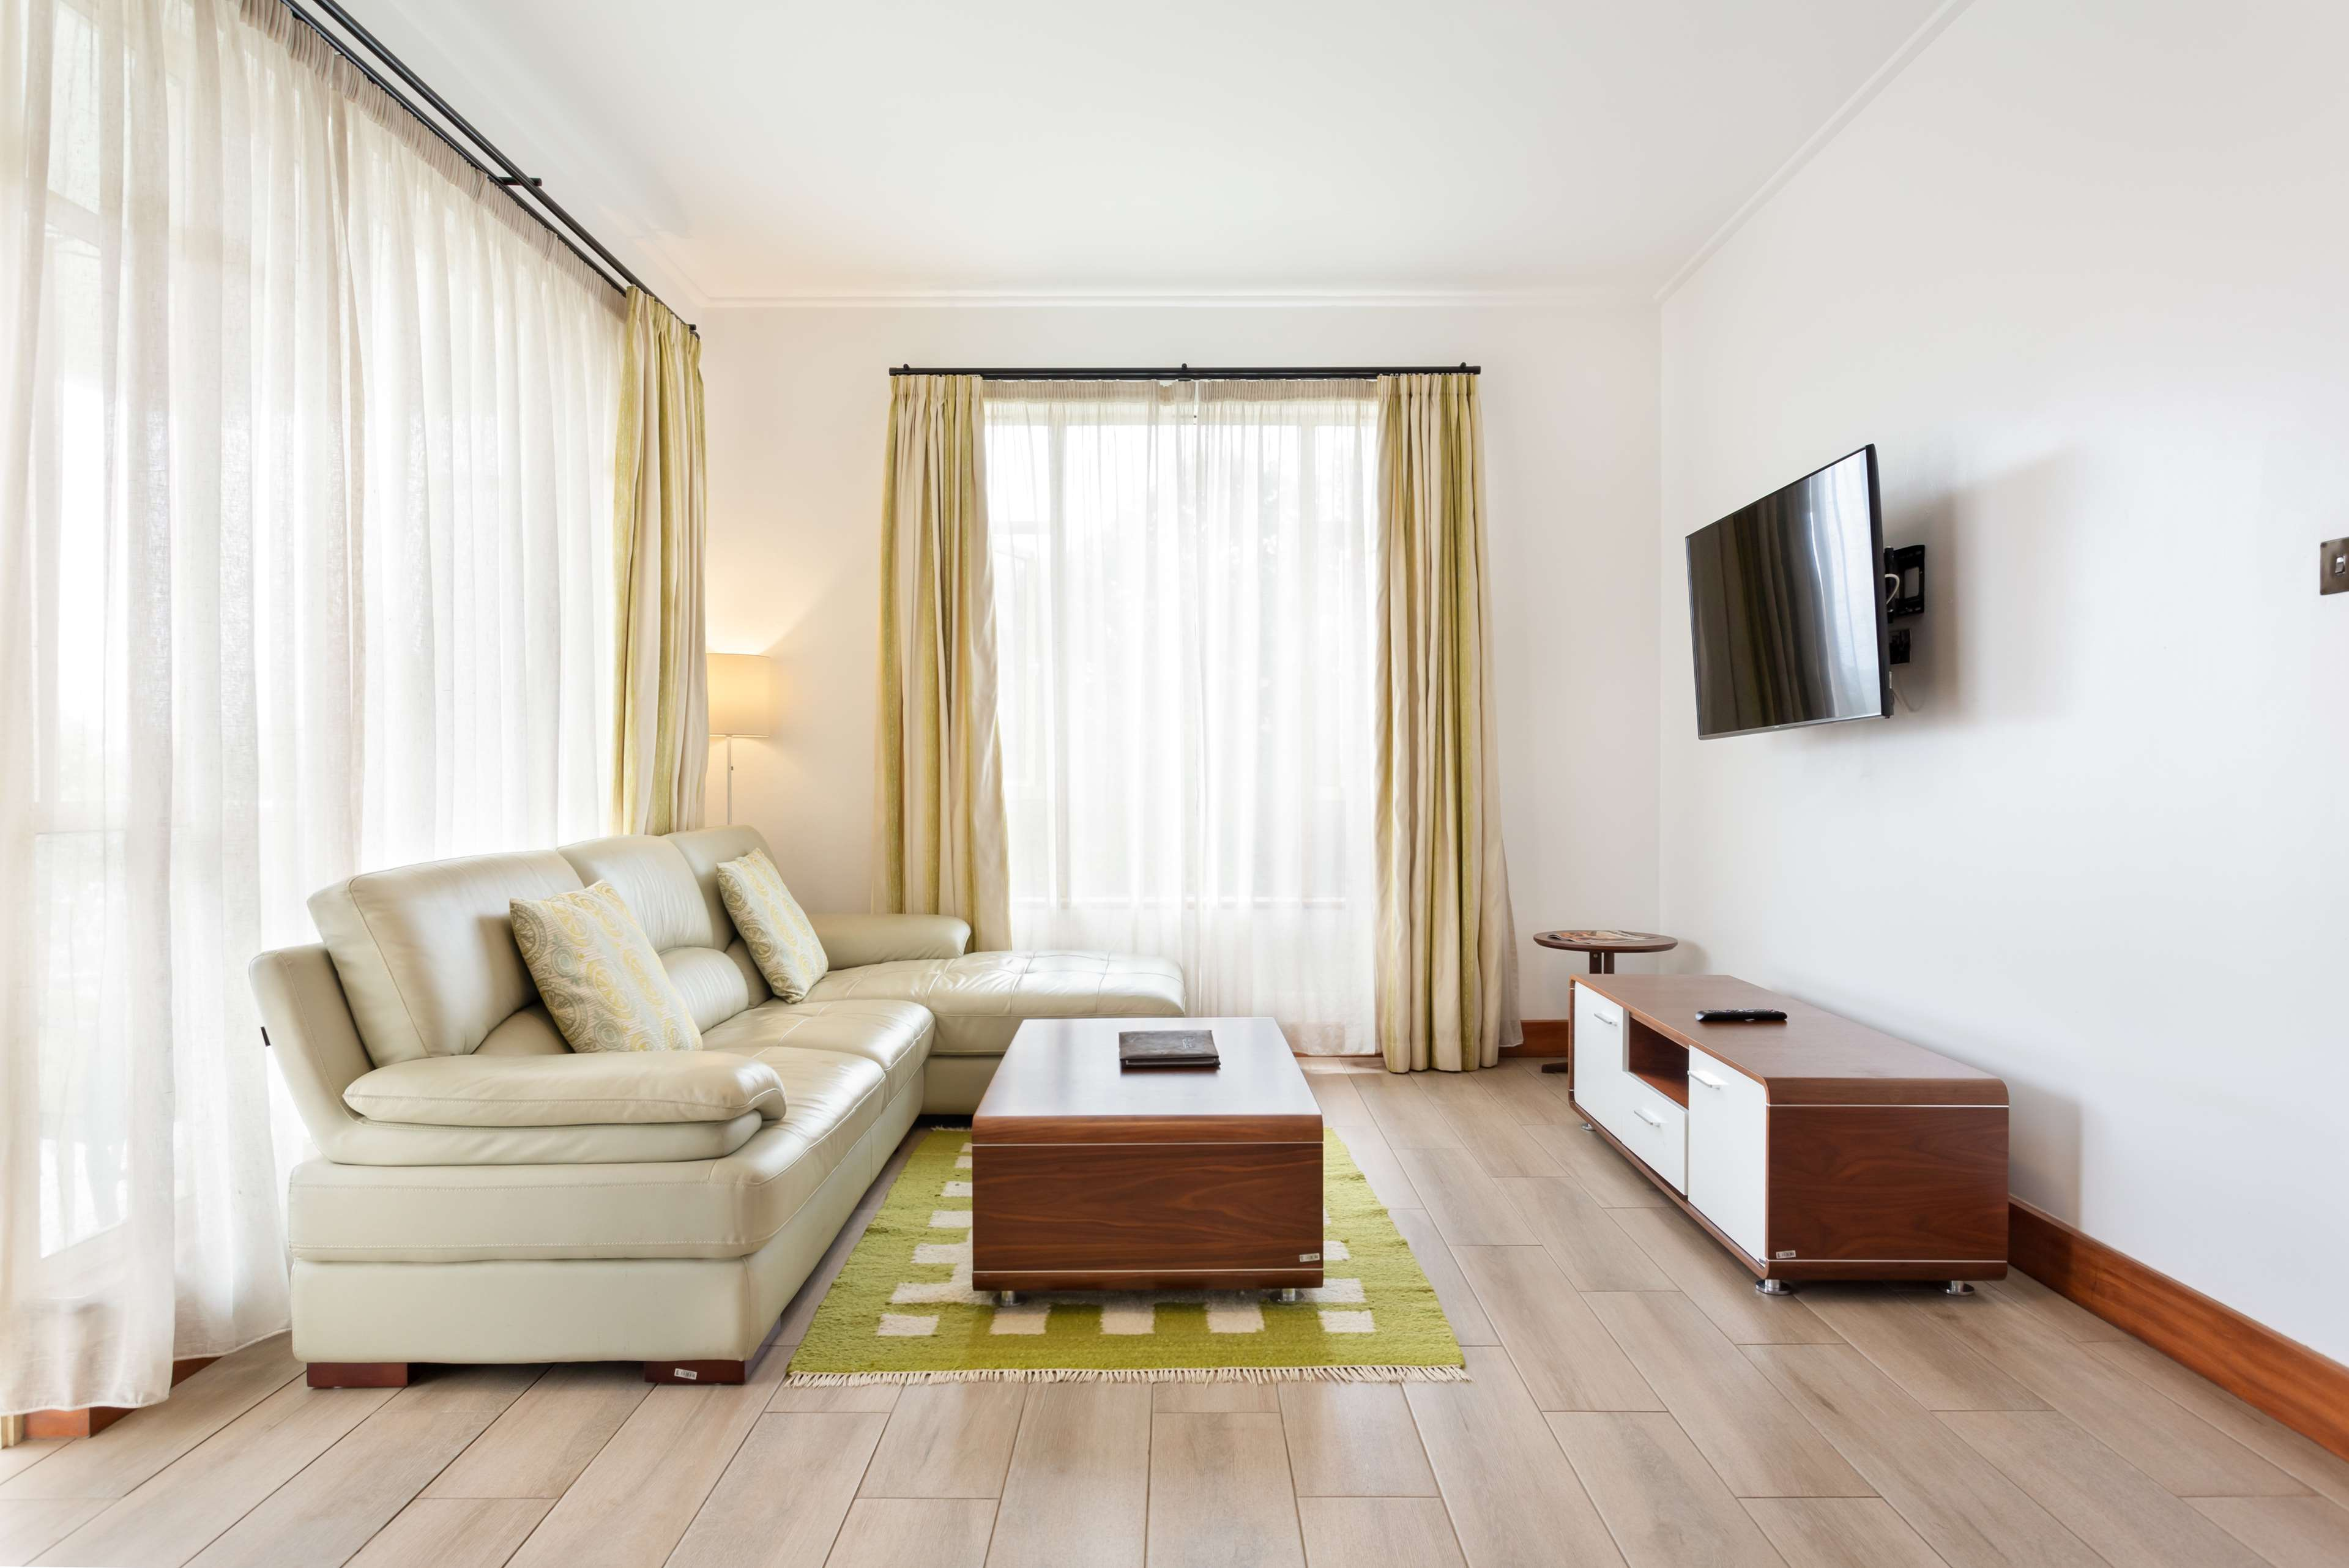 Executive Residency by Best Western Nairobi